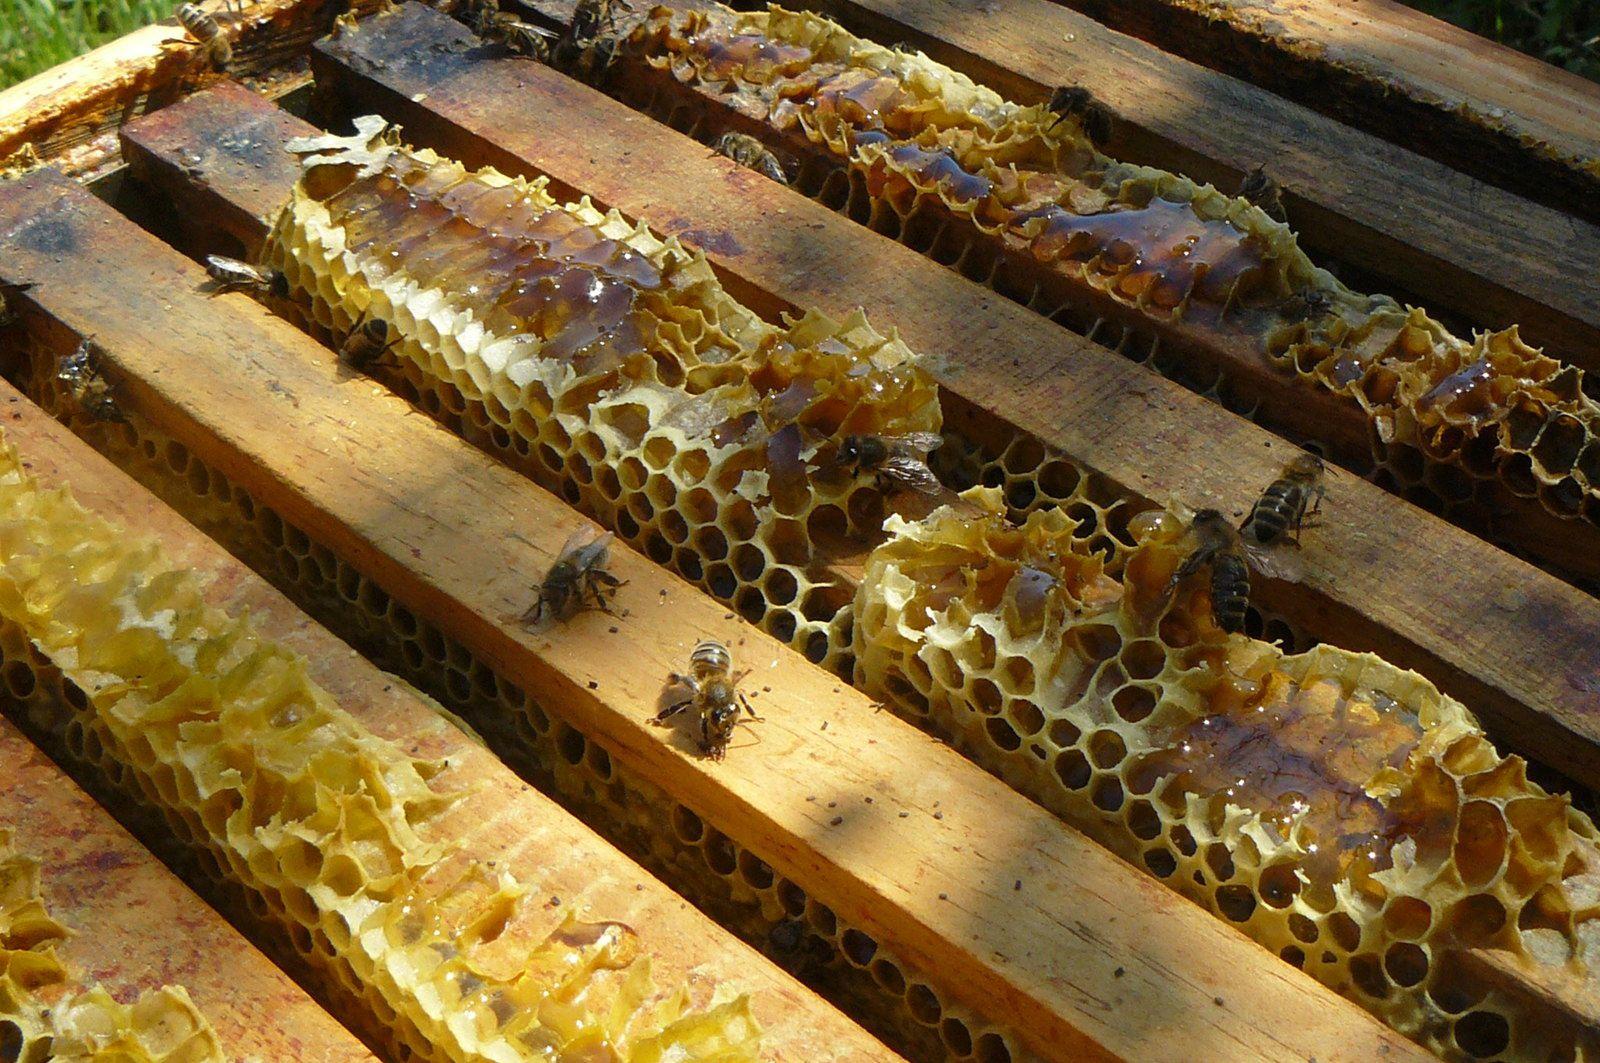 Le miel, du colza probablement, rentre dans les ruches